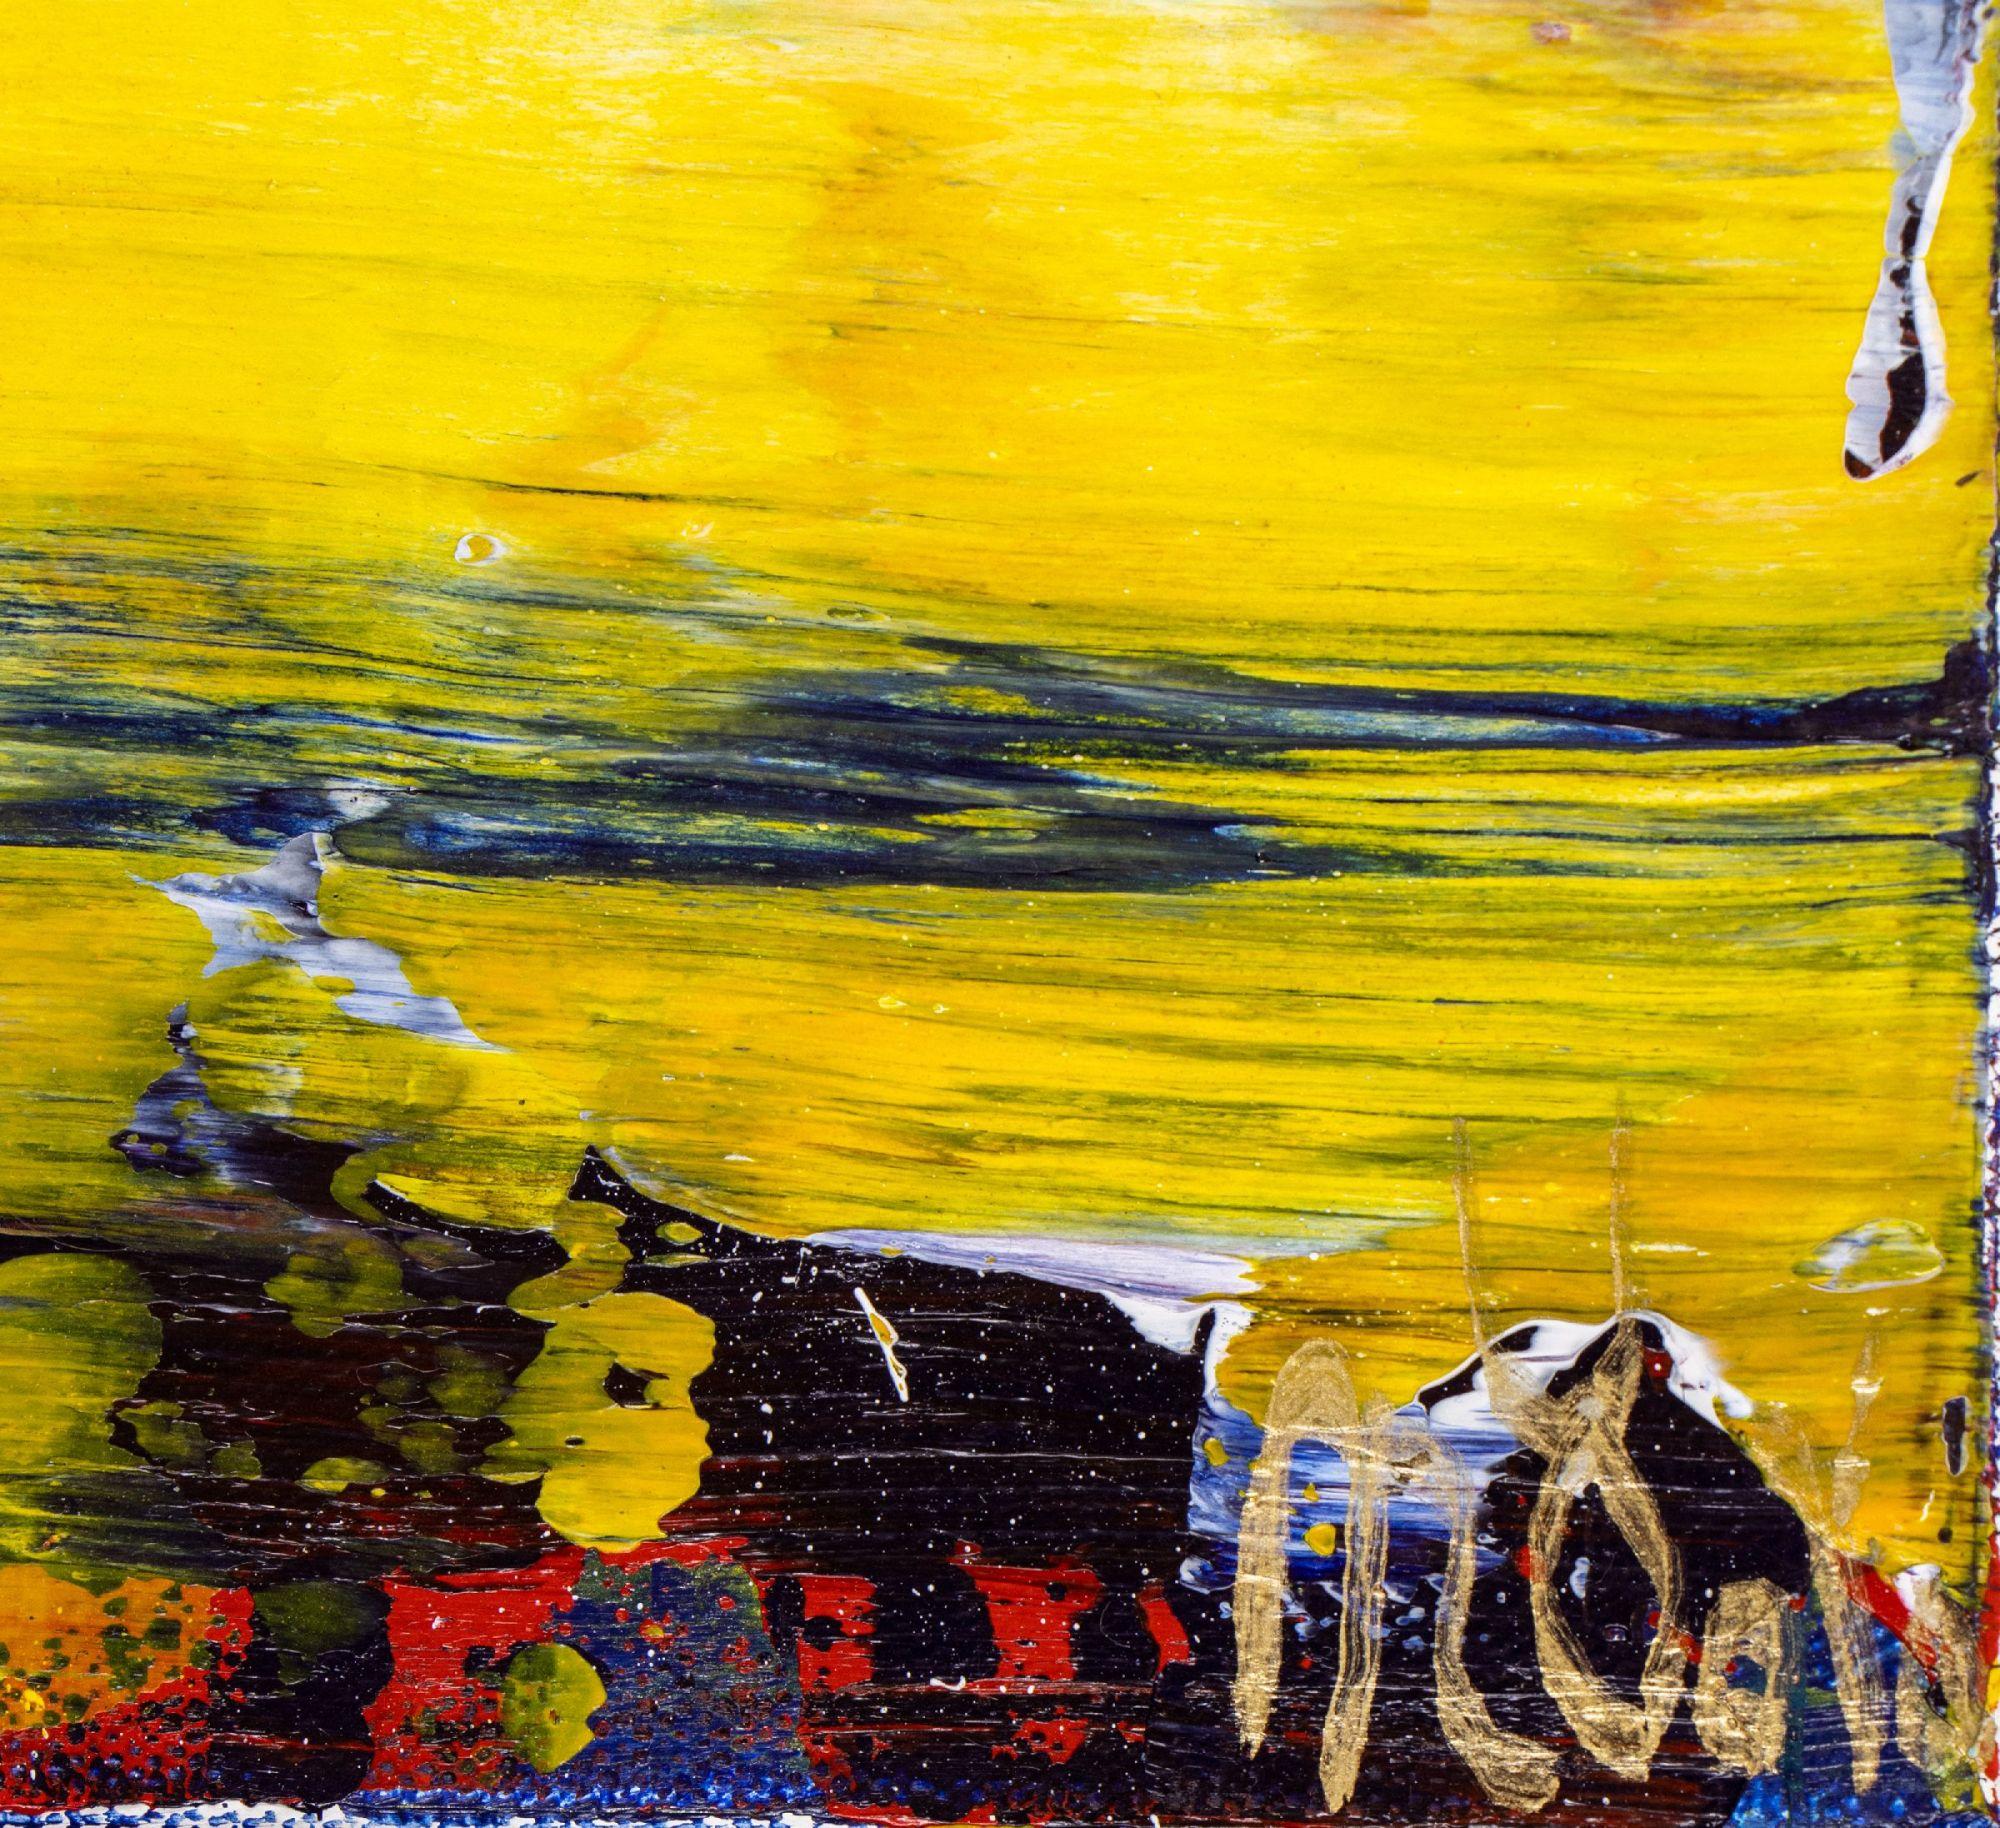 Signature - Autumn Mirrors 2 (2020) by Nestor Toro